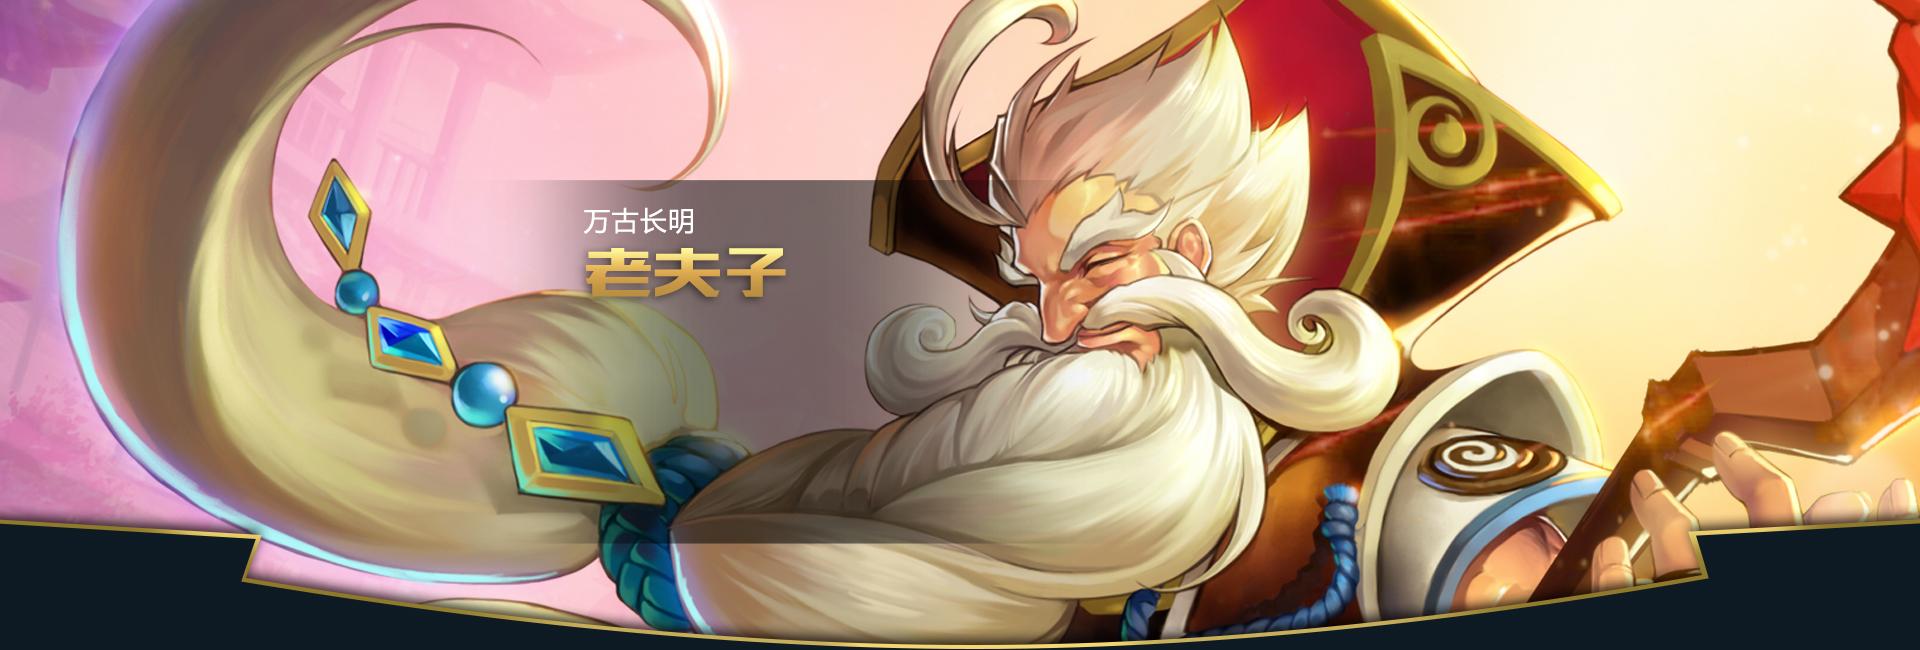 第2弹《王者荣耀英雄皮肤CG》竞技游戏66